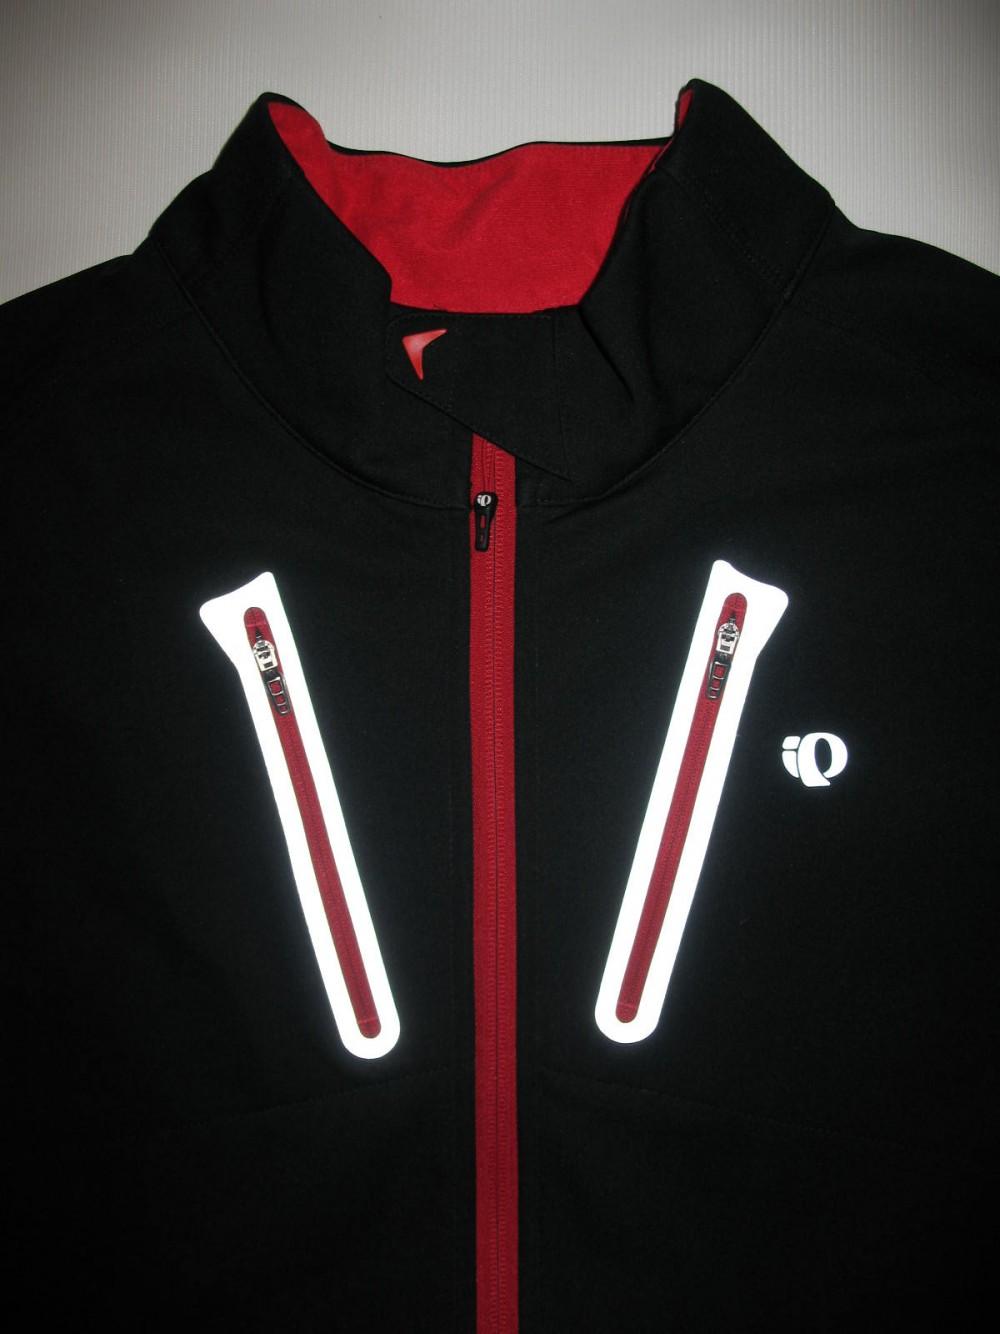 Велокуртка PEARL IZUMI pro softshell jacket (размер XXL) - 5